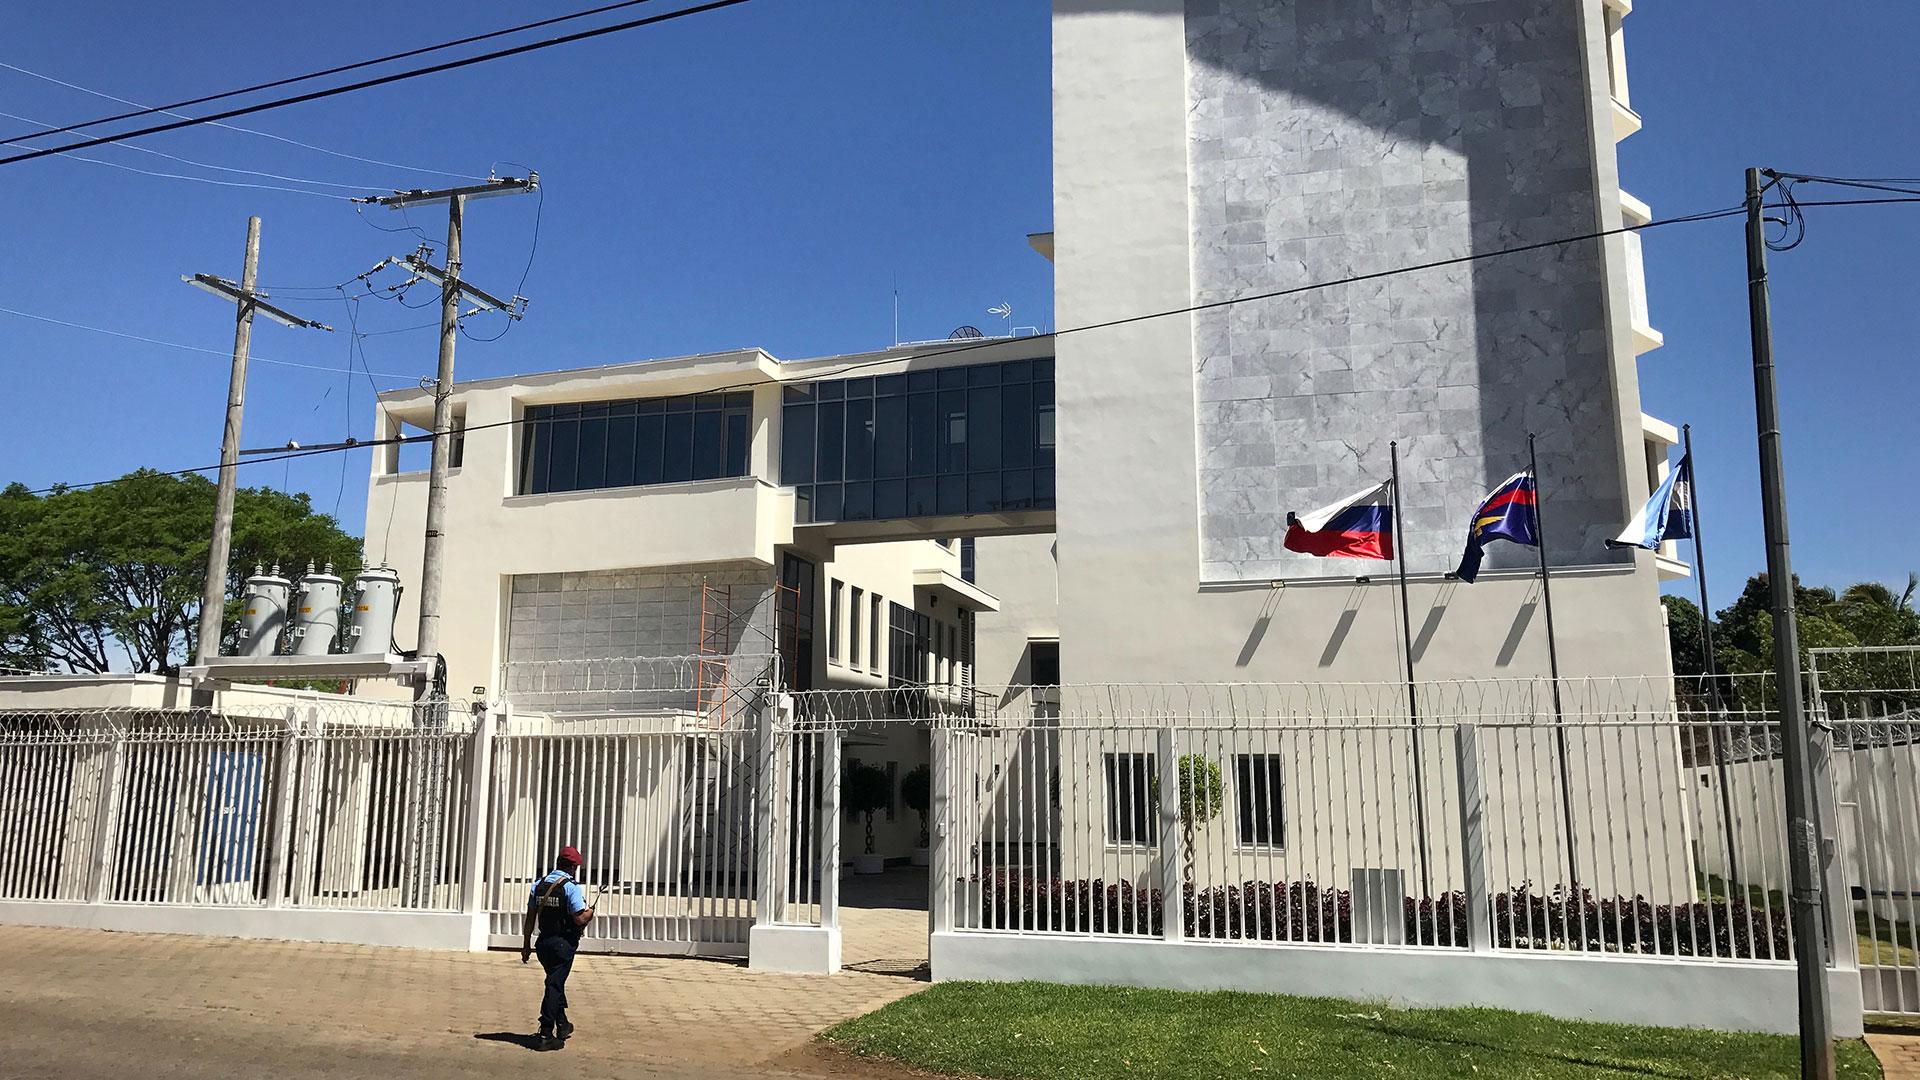 El supuesto centro de entrenamiento ruso para combatir el narcotráfico en Nicaragua. En realidad sería un edificio dedicado a la inteligencia complementario de la estación Glonass (Washington Post)